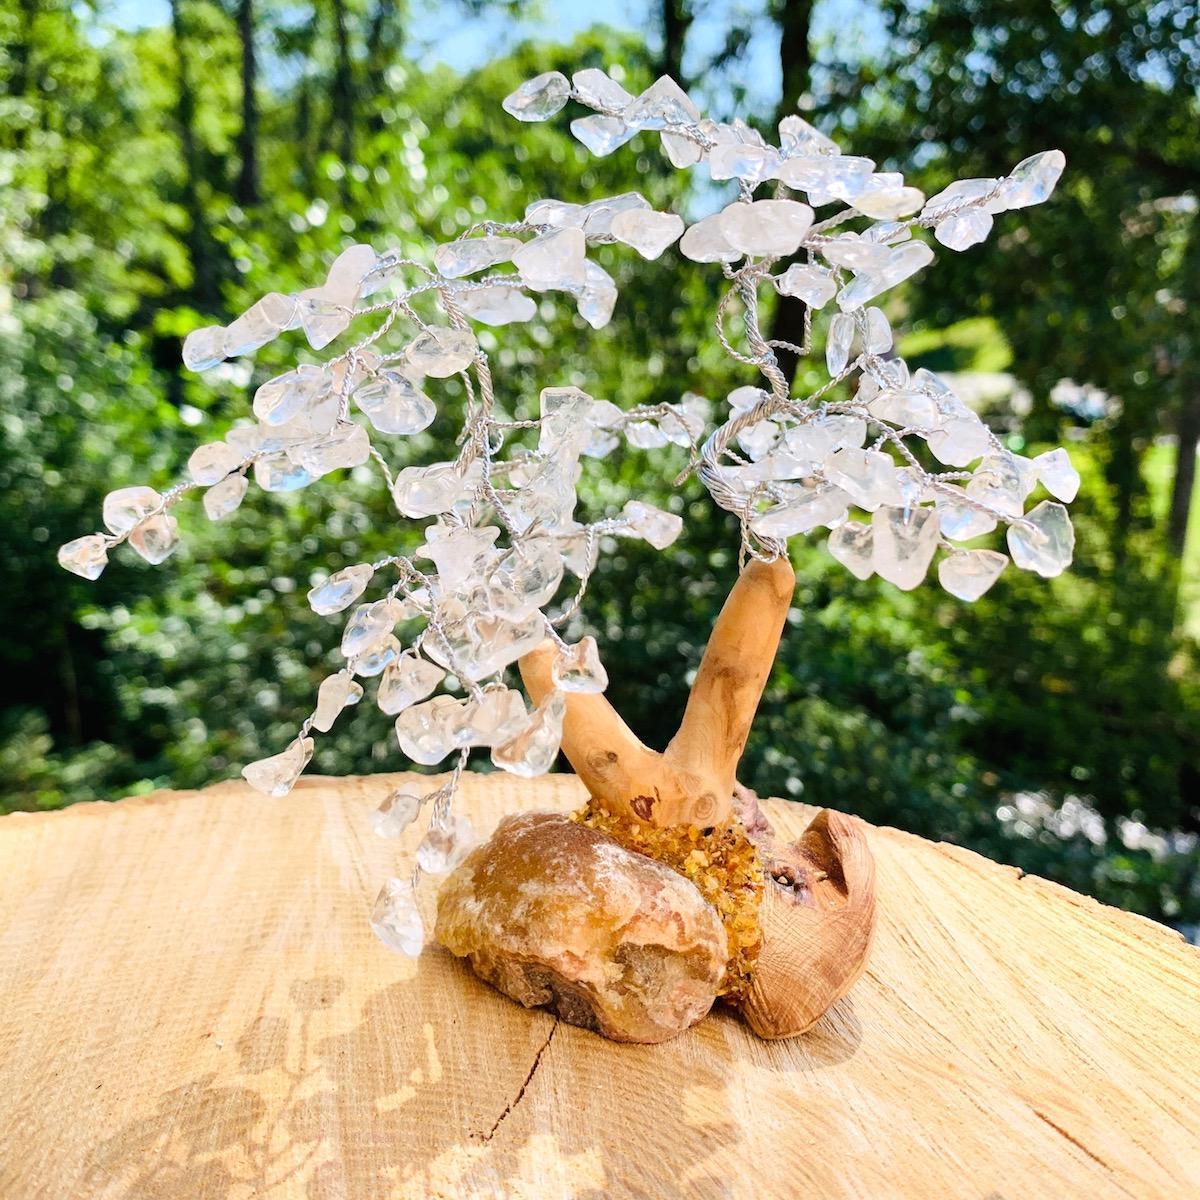 Arbre de vie en cristal de roche / quartz blanc avec pied en bois modèle 15cm de haut